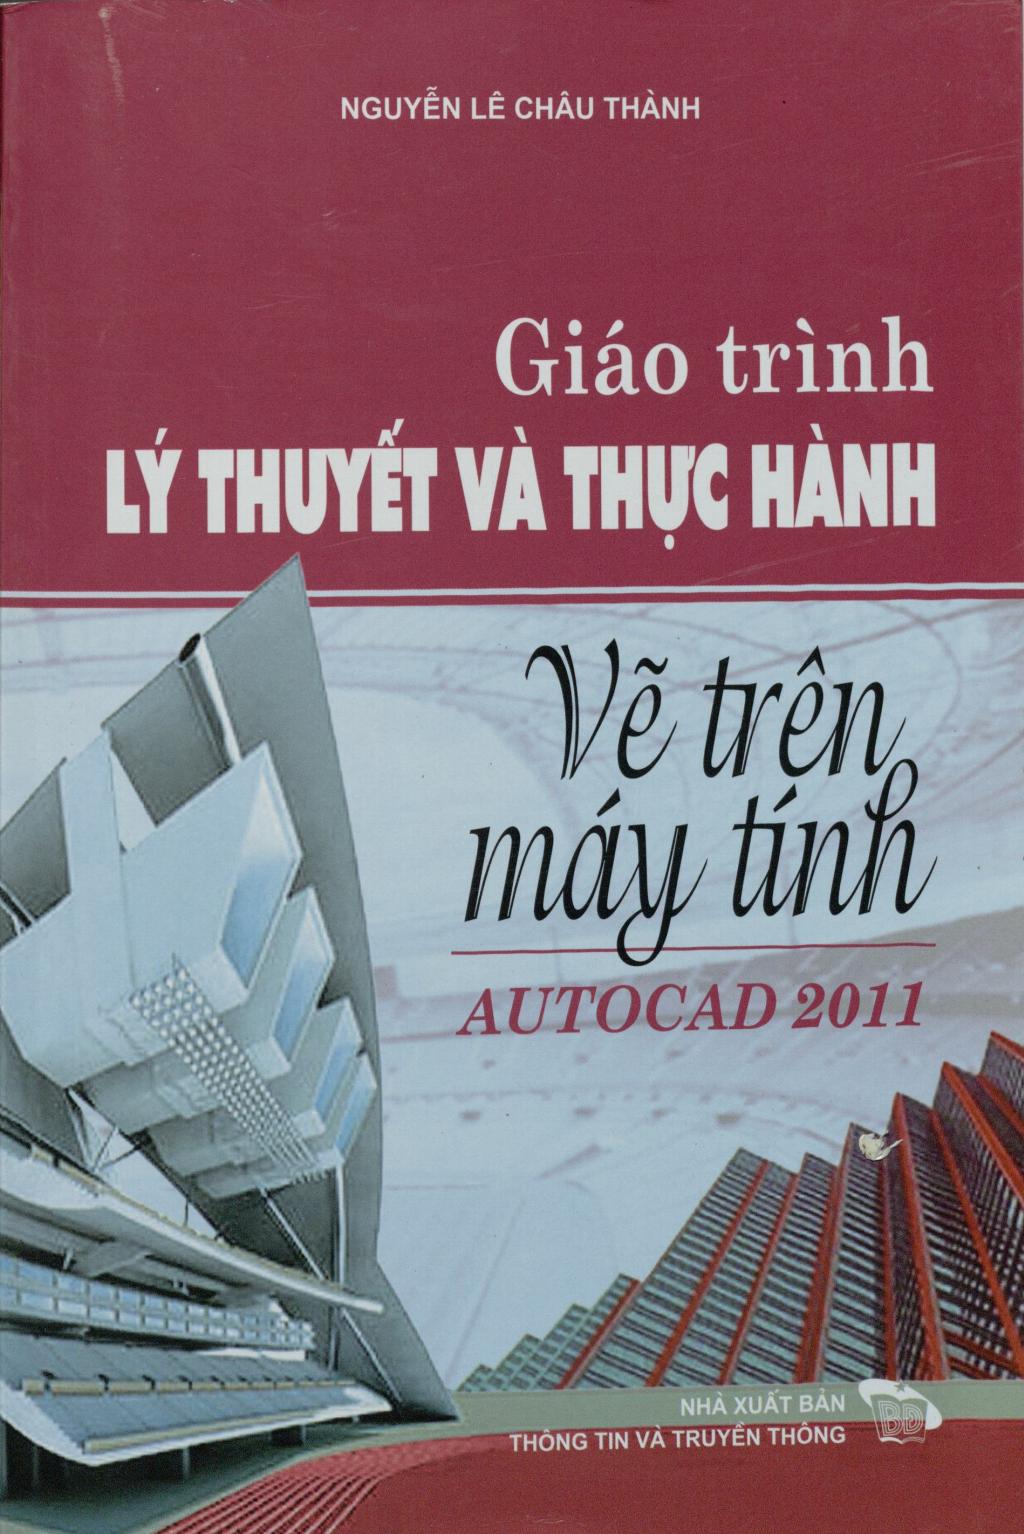 Giáo trình Lý thuyết và thực hành Vẽ trên máy tính AutoCAD 2011: Phần 1